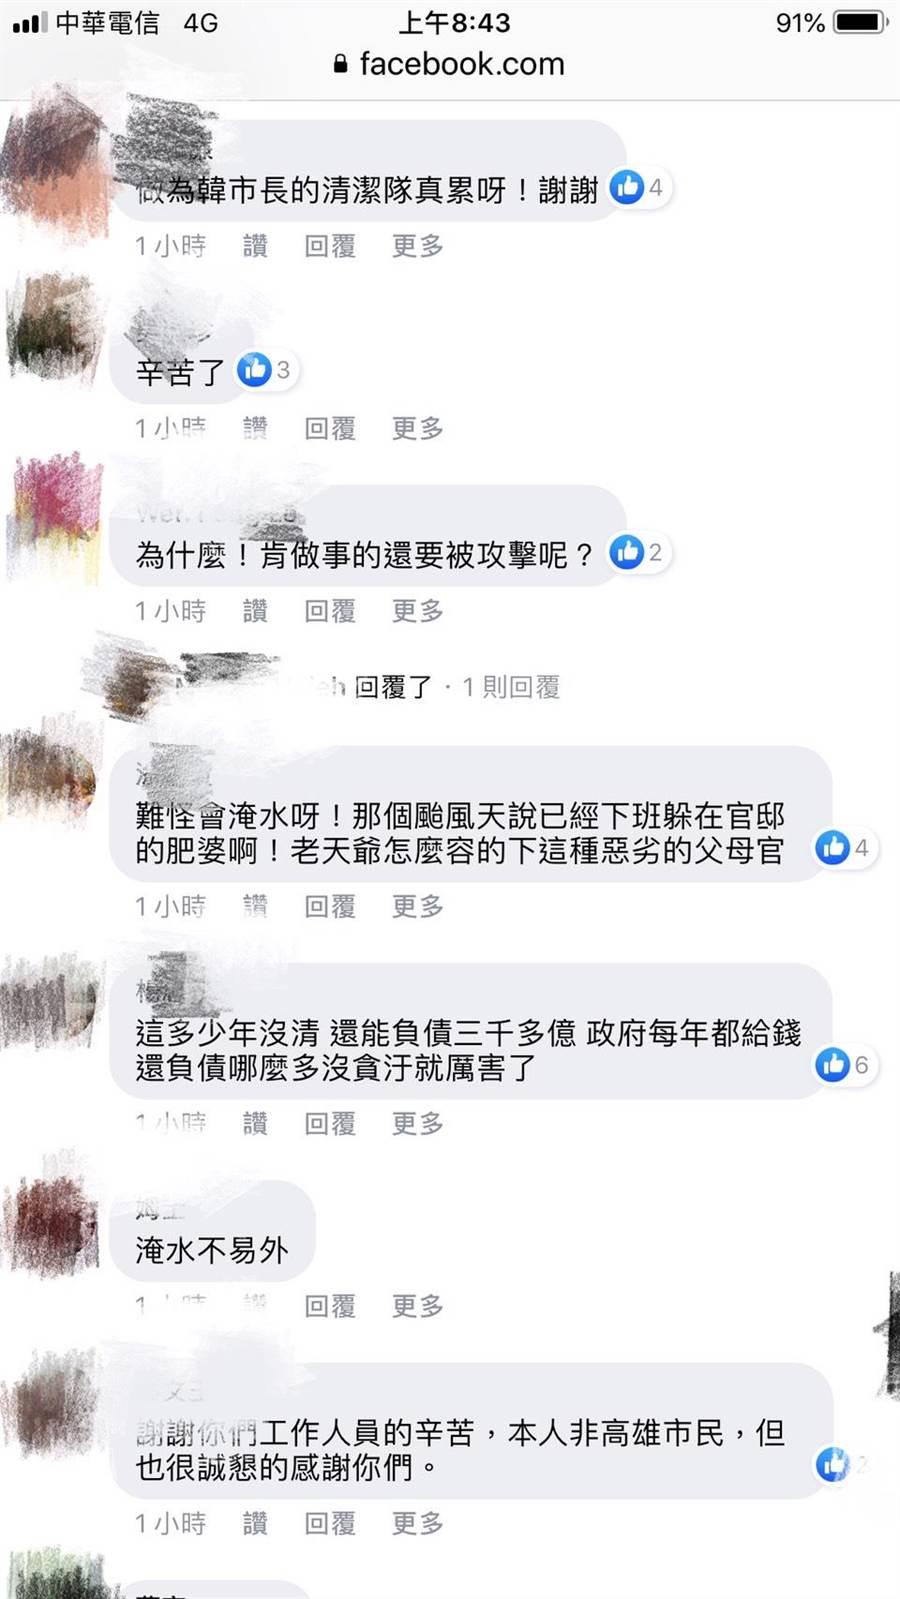 網友看到清水溝照片後留言。(韓國瑜後援會)